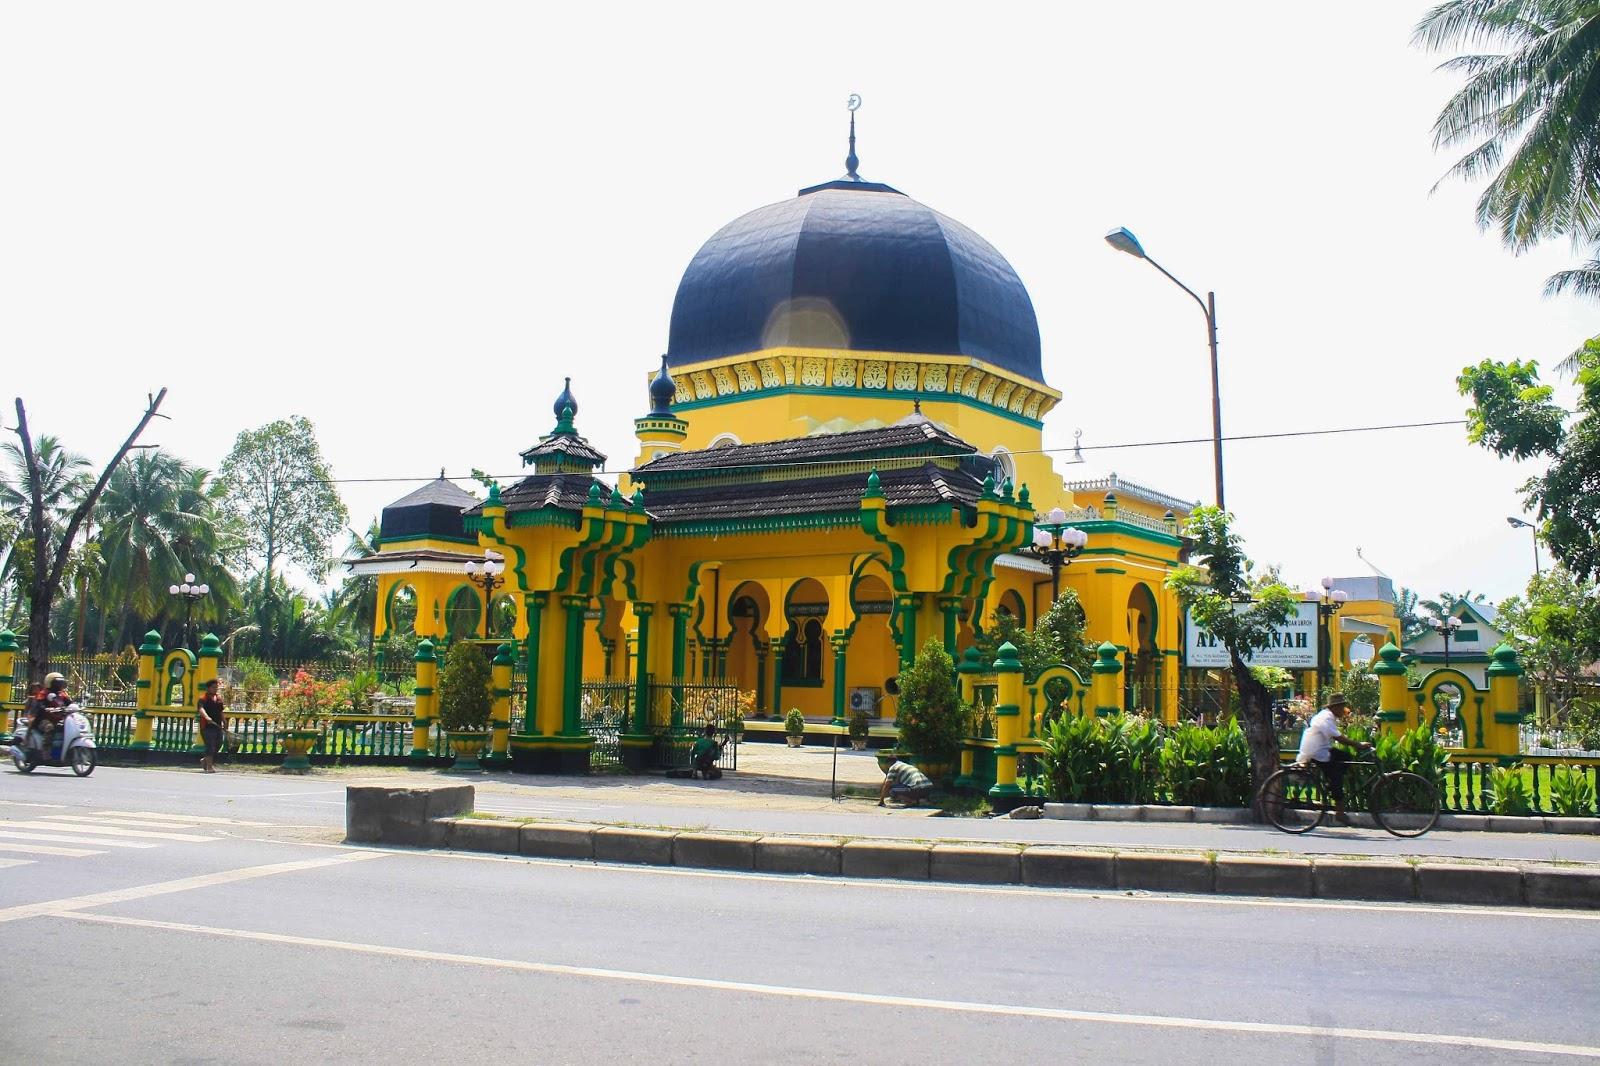 Masjid Peninggalan Kesultanan Deli Tri Images Al Osmani Letaknya Tepat